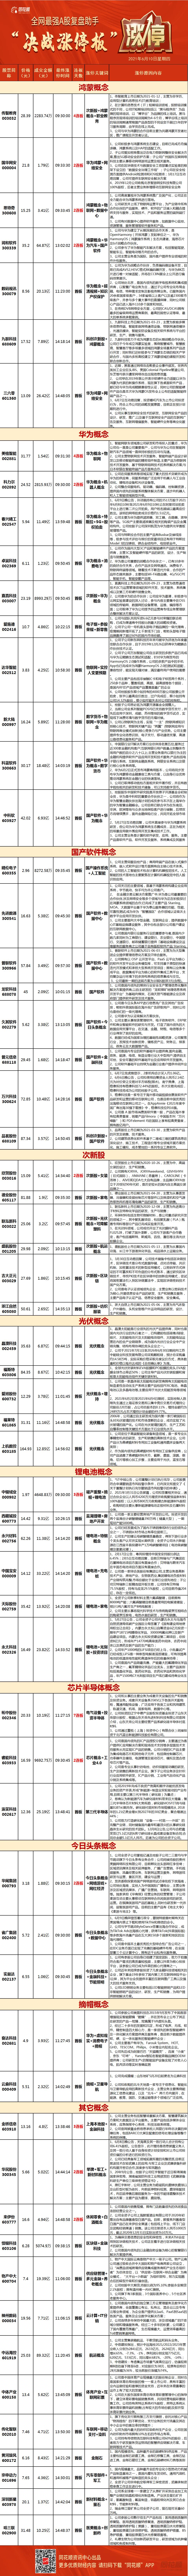 华为鸿蒙掀涨停潮  国产软件板块集体爆发